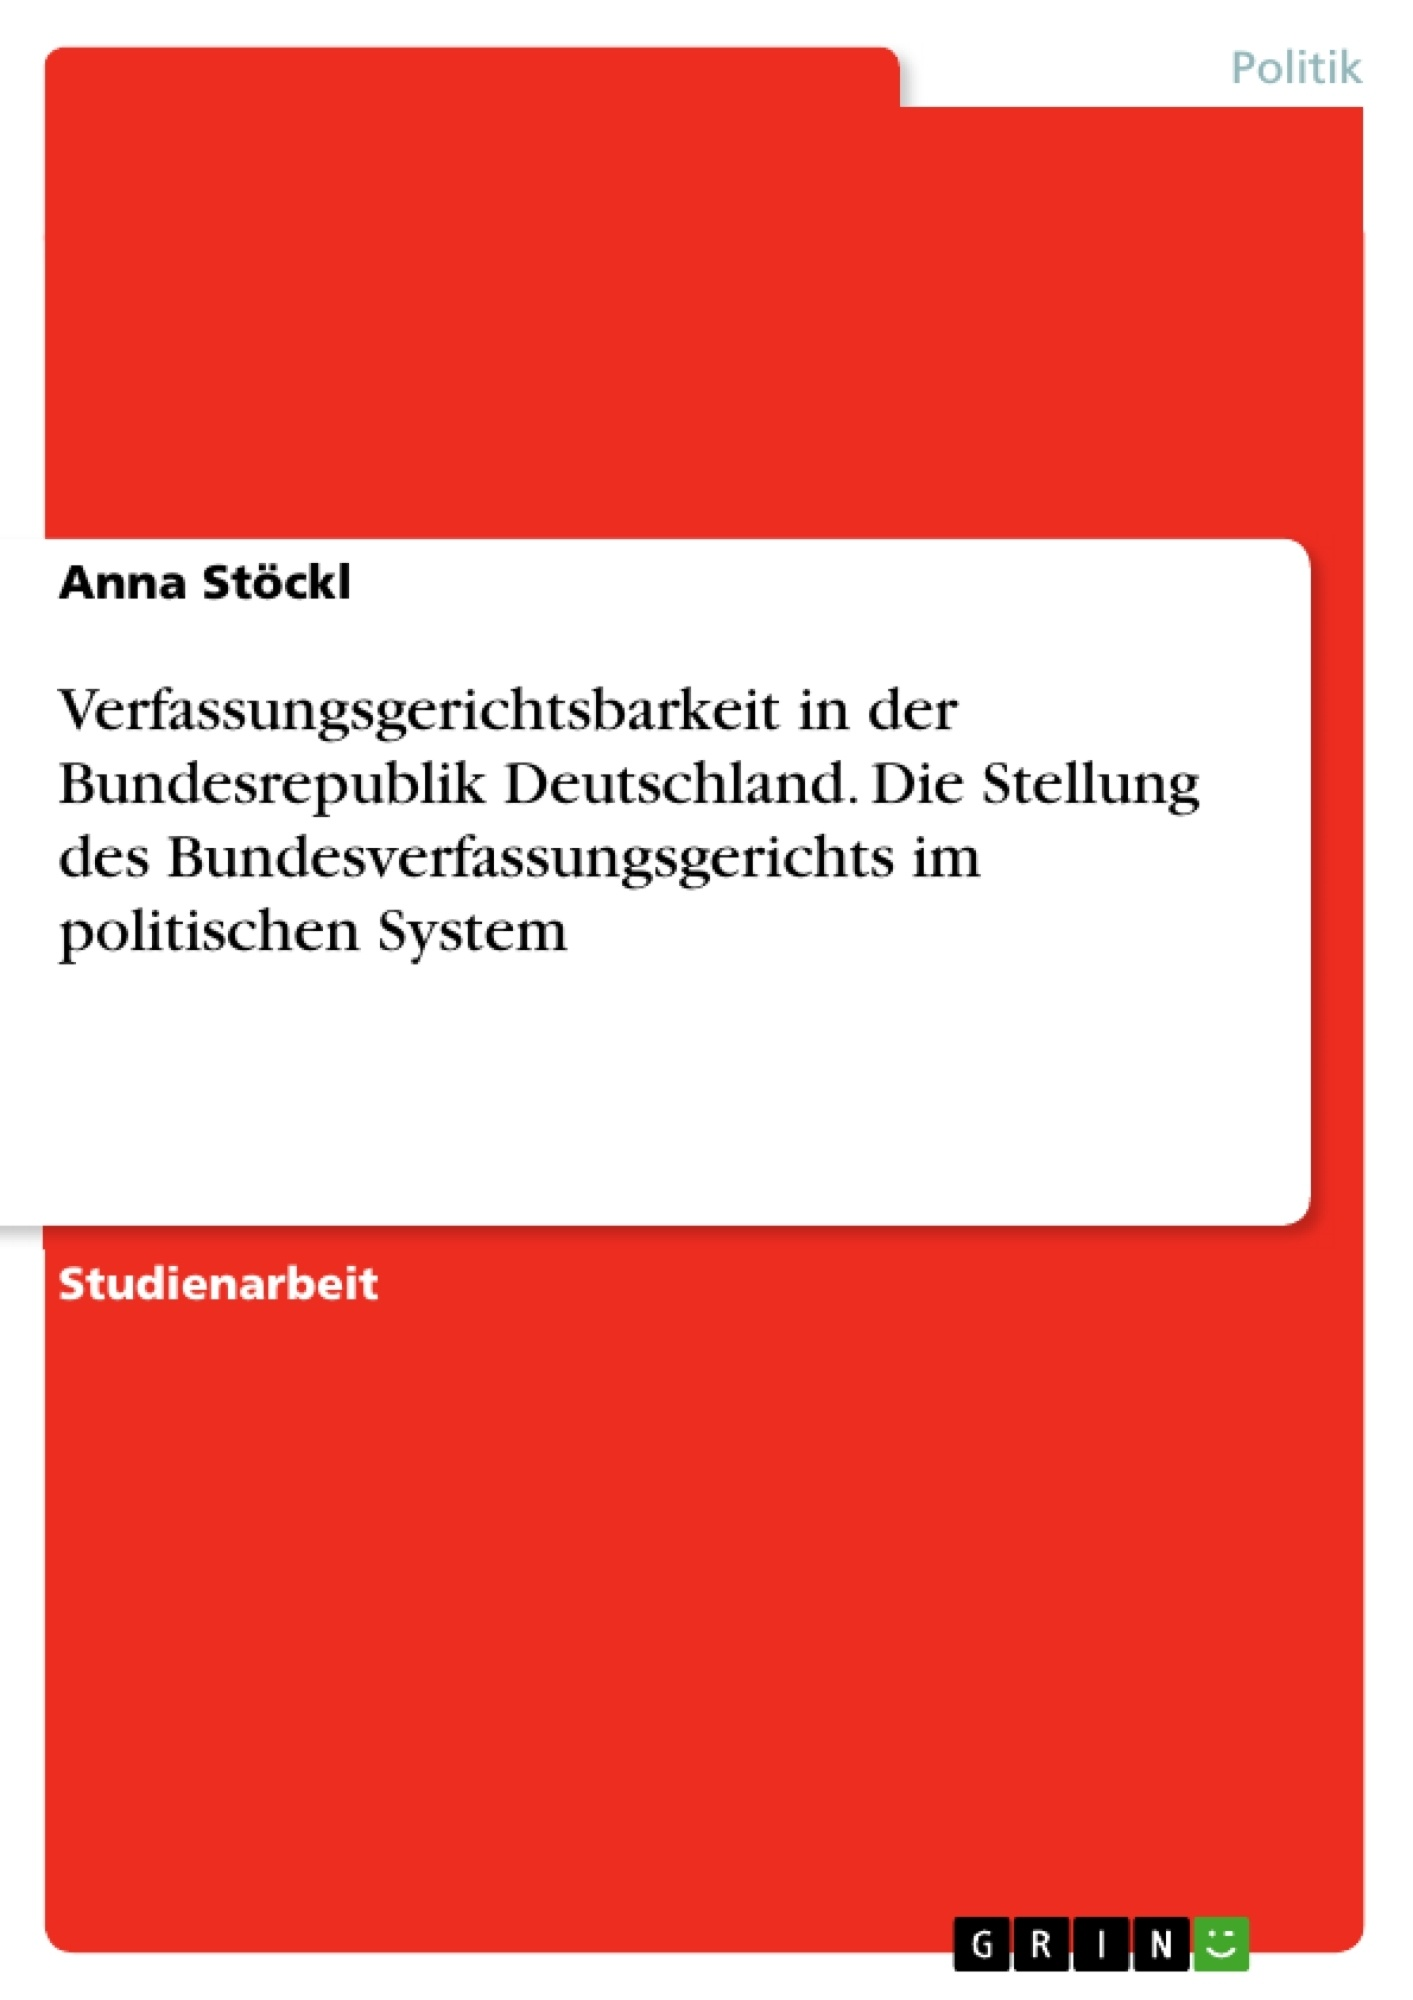 Titel: Verfassungsgerichtsbarkeit in der Bundesrepublik Deutschland. Die Stellung des Bundesverfassungsgerichts im politischen System